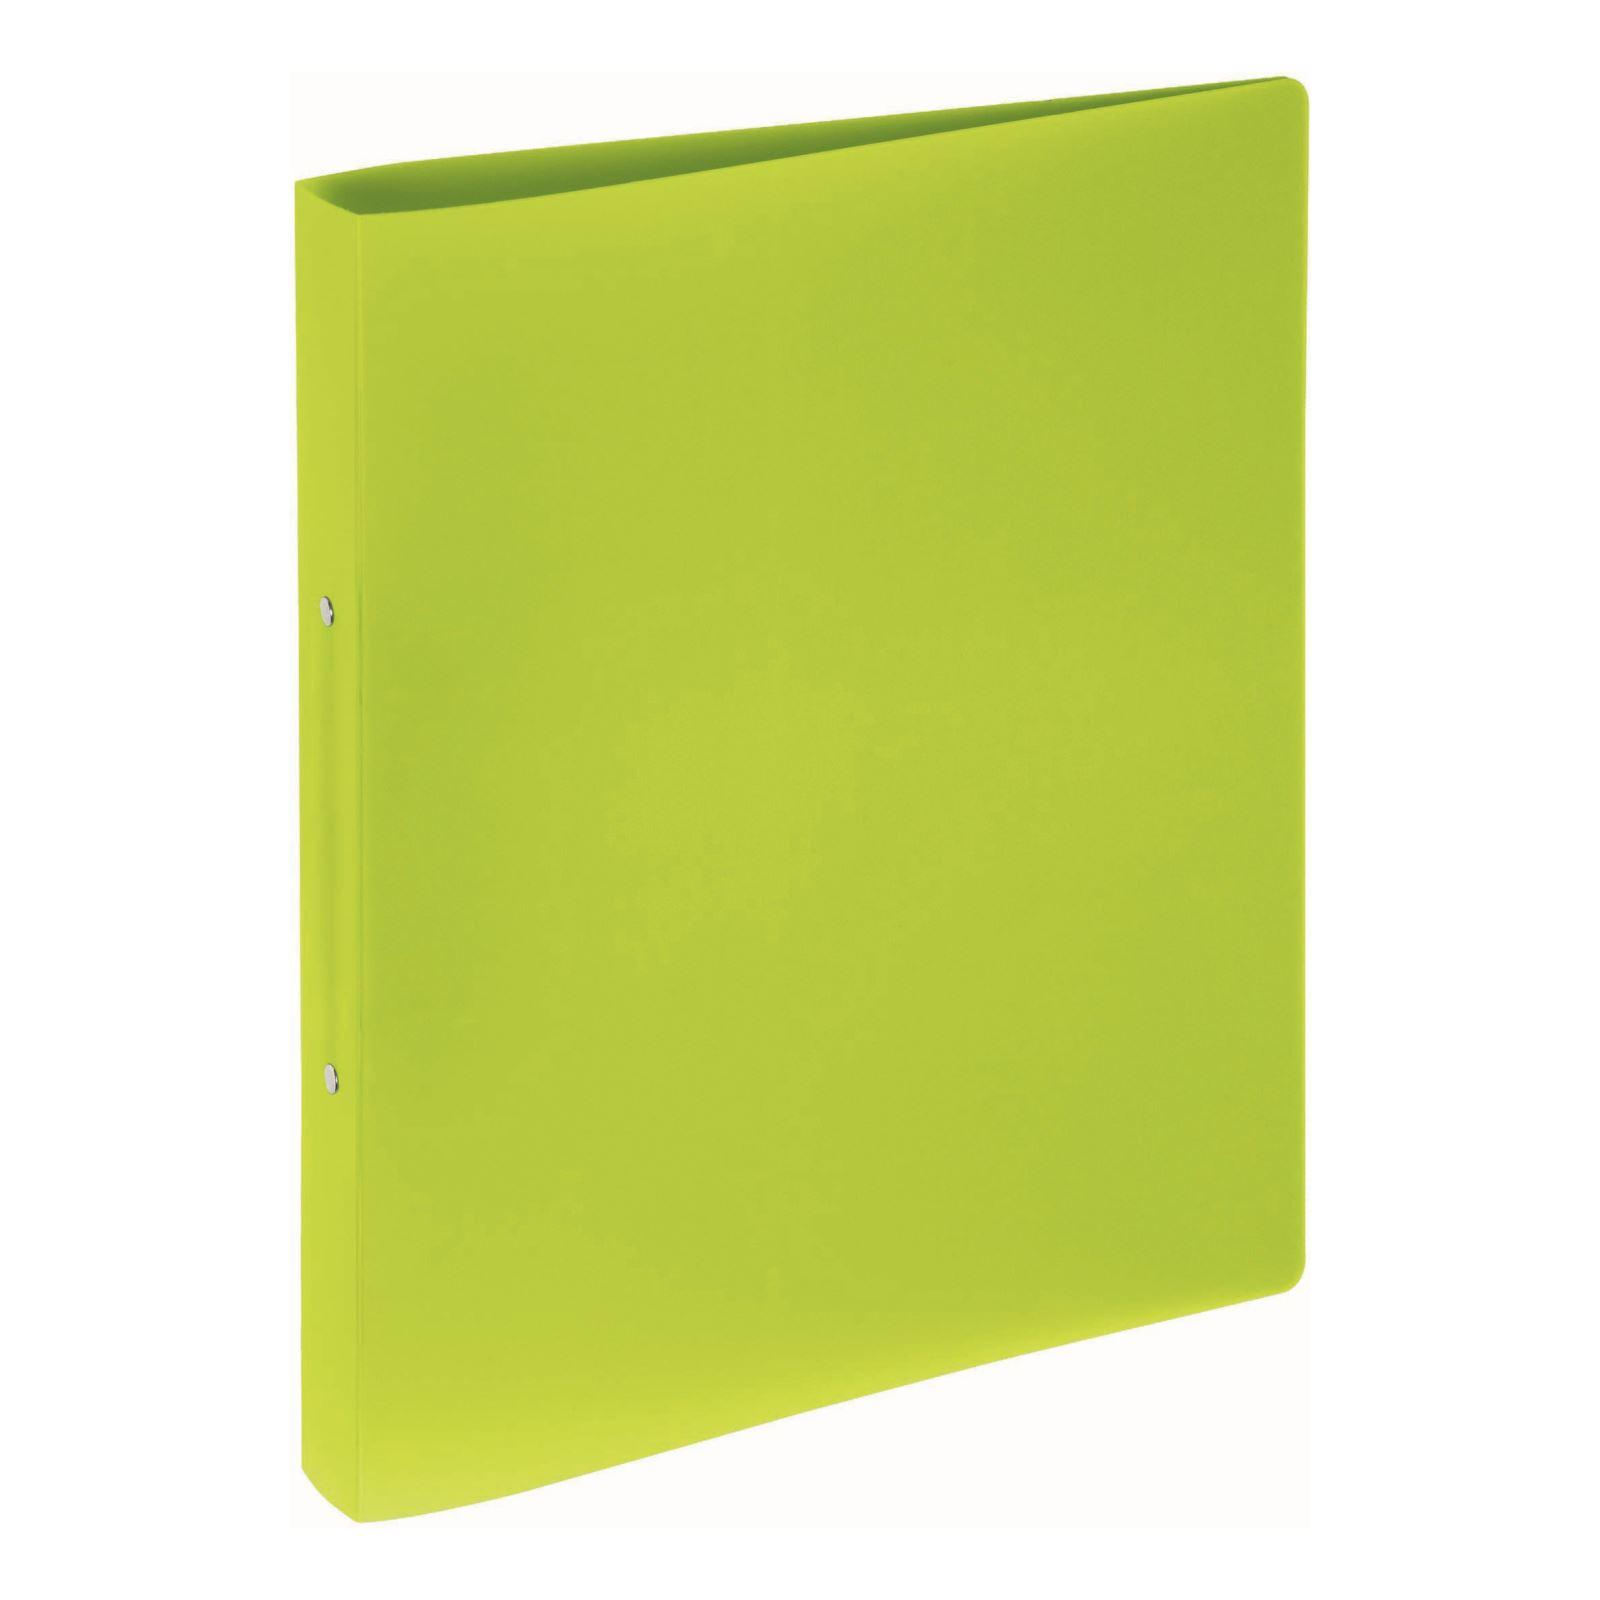 Pagna 20900-17 - A4 - Rundring - Lagerung - Polypropylen (PP) - Limette - 2,5 cm